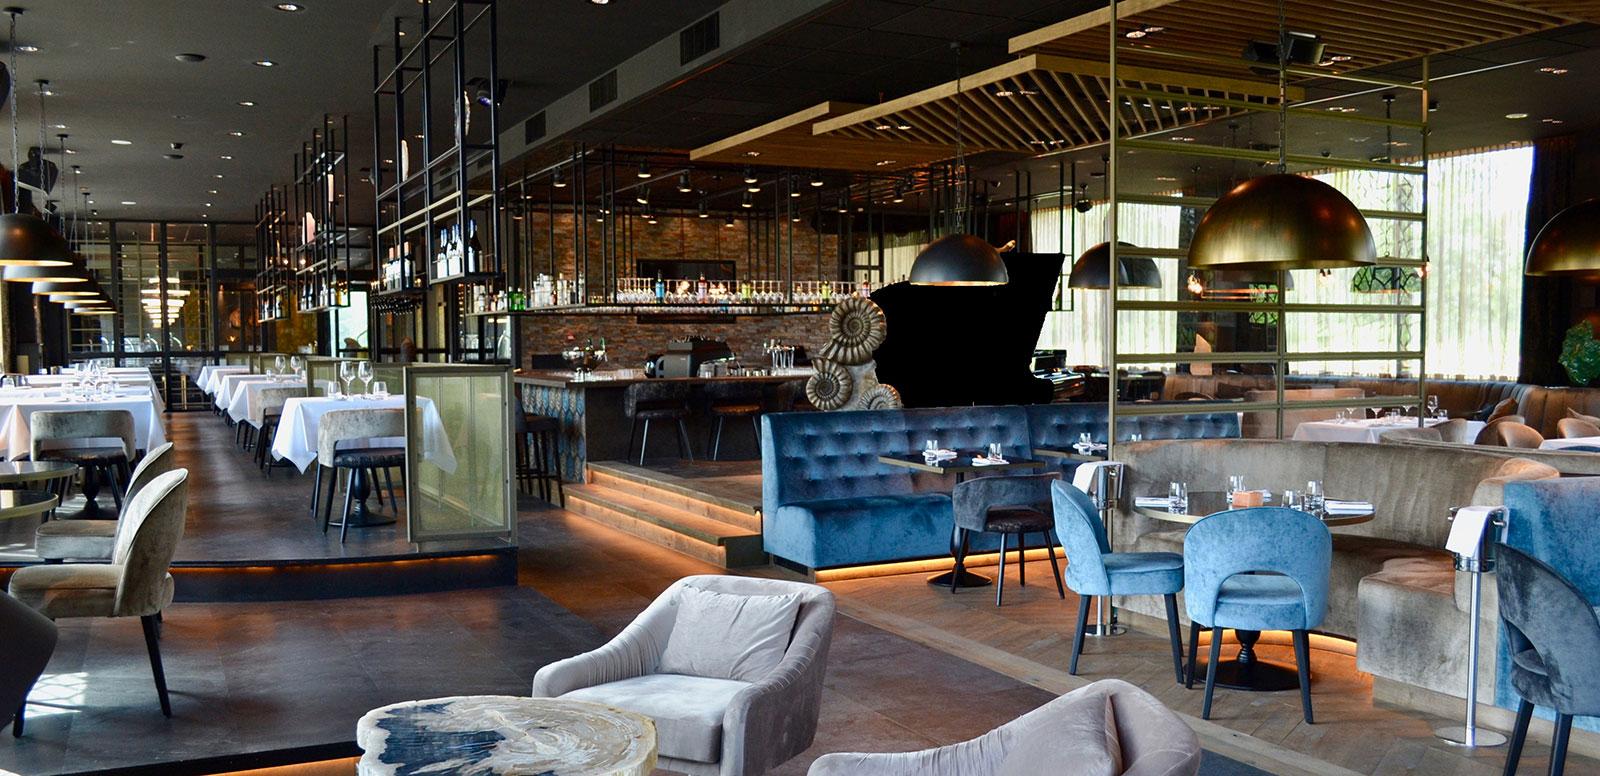 Ammonite hotel amsterdam opent haar deuren